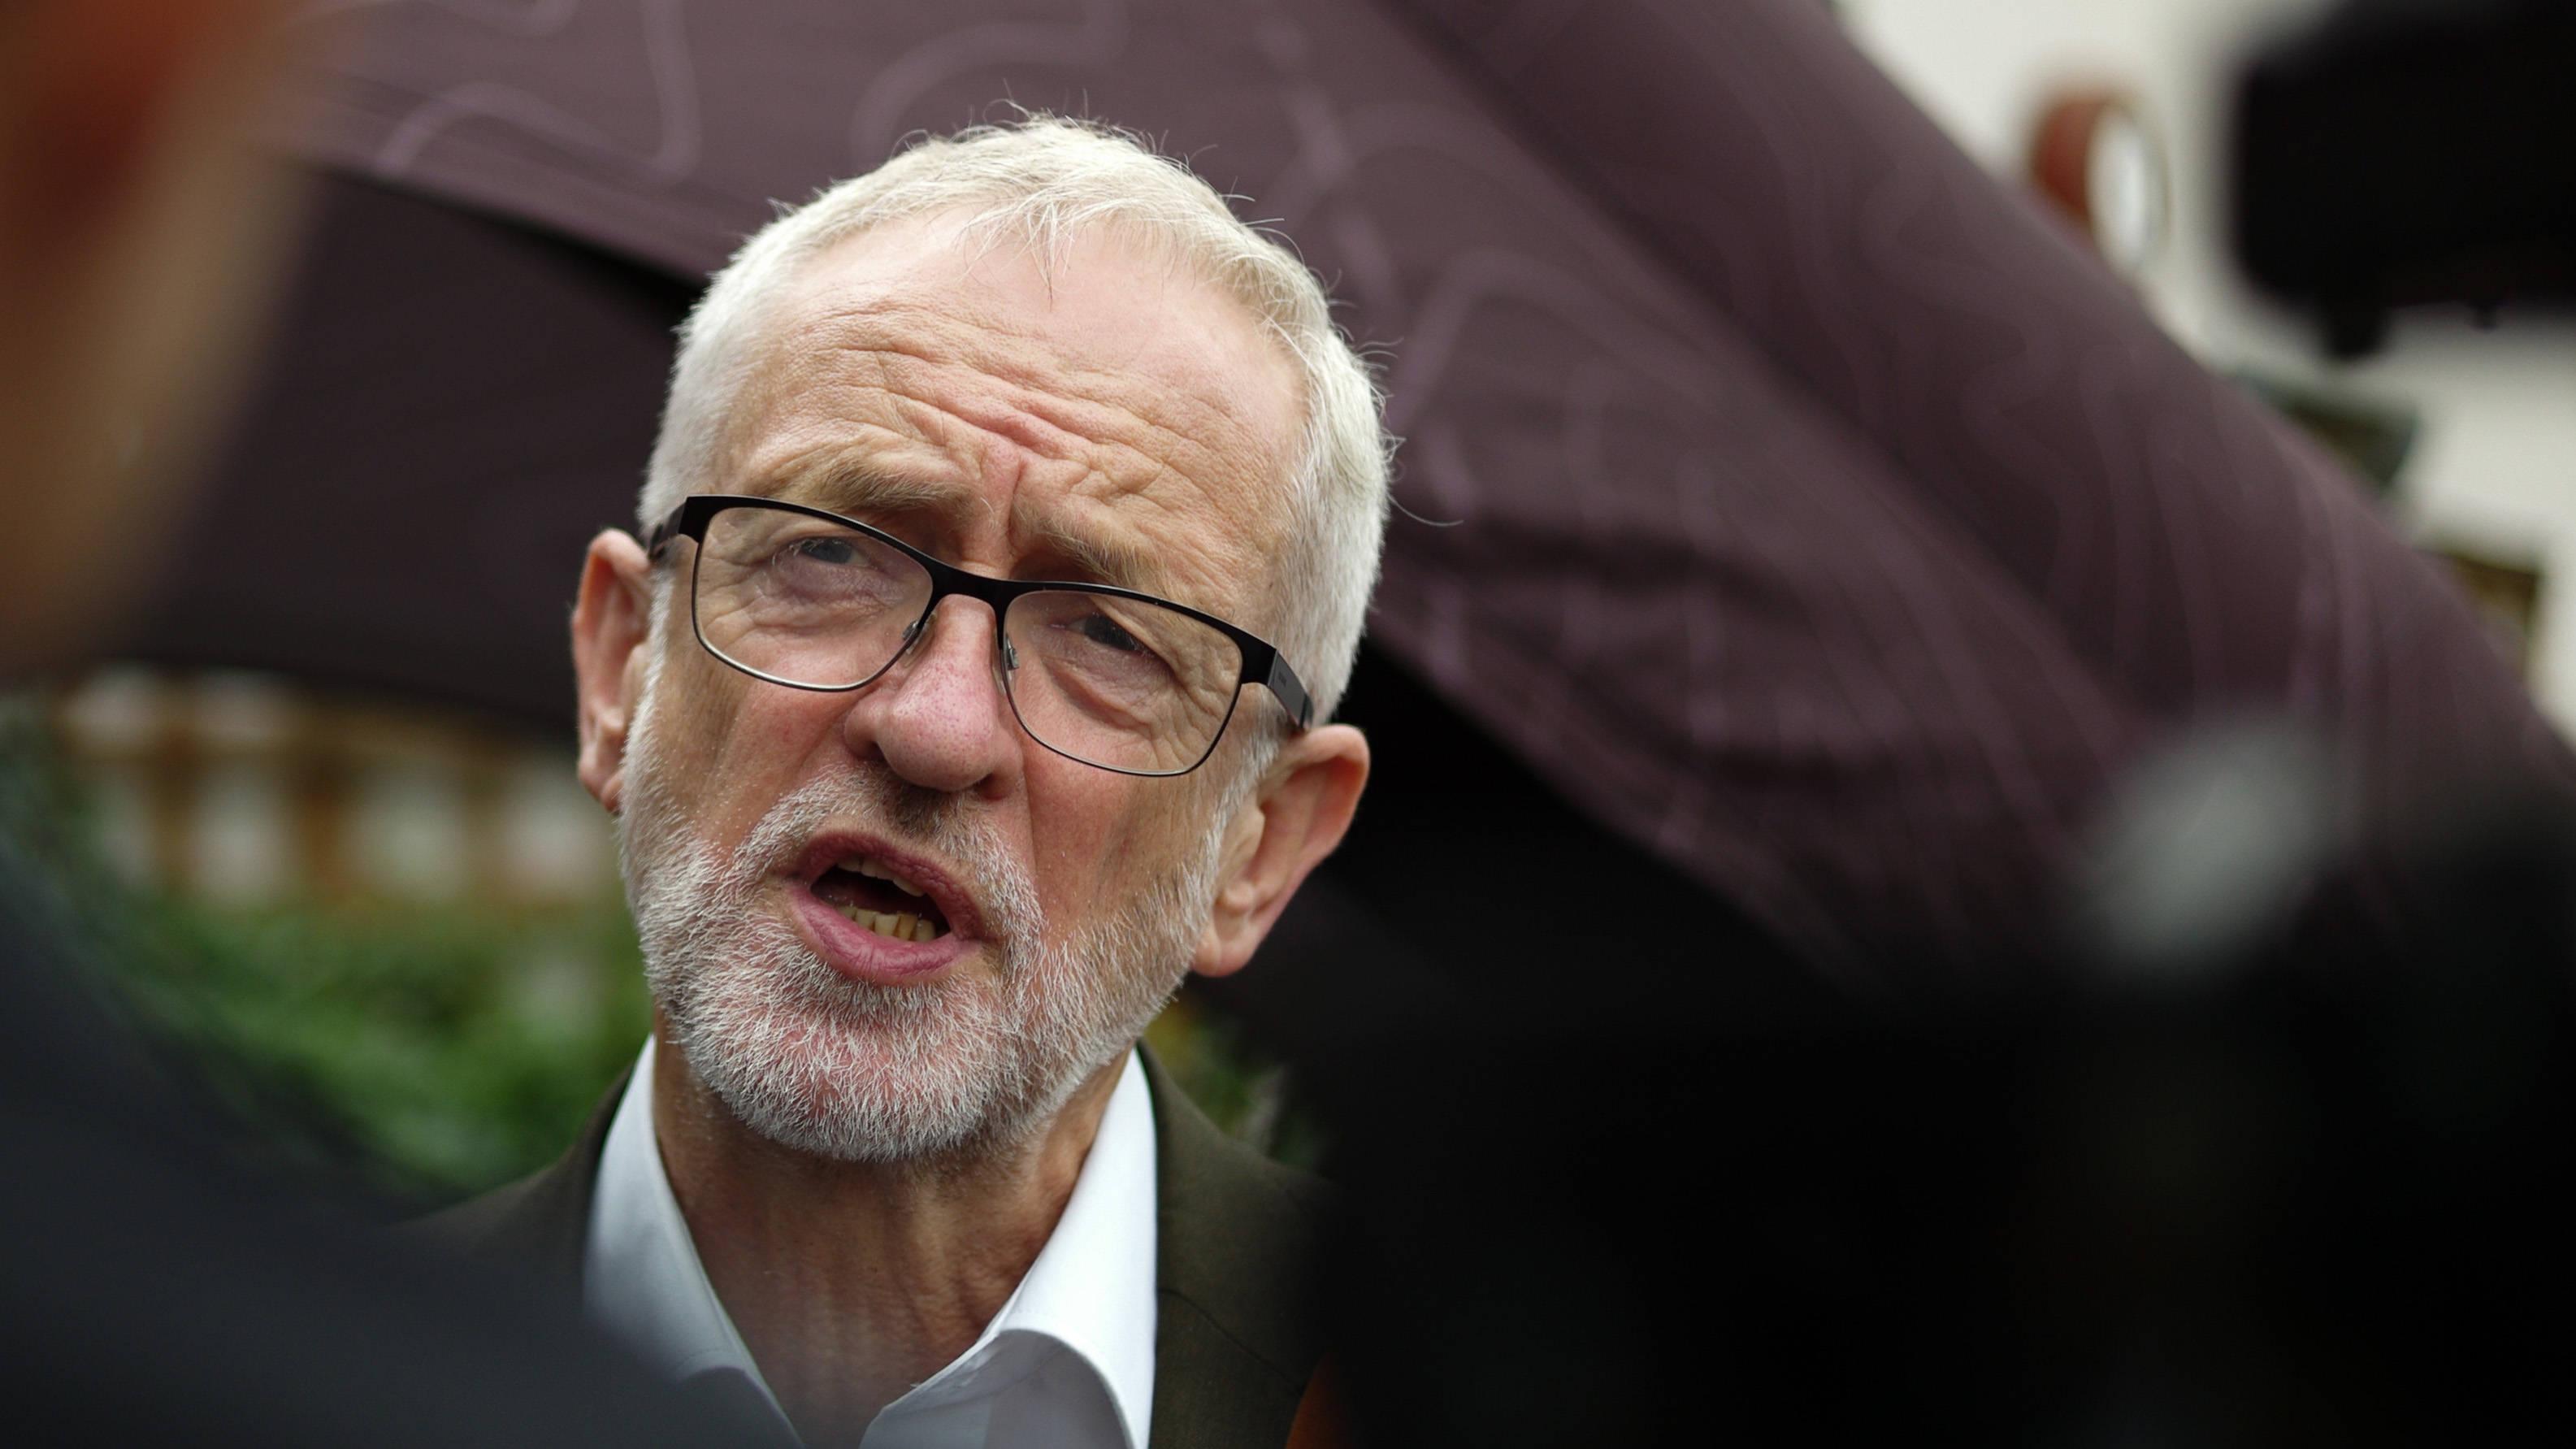 Anti-Semitism Whistleblowers Threaten To Sue Labour Party